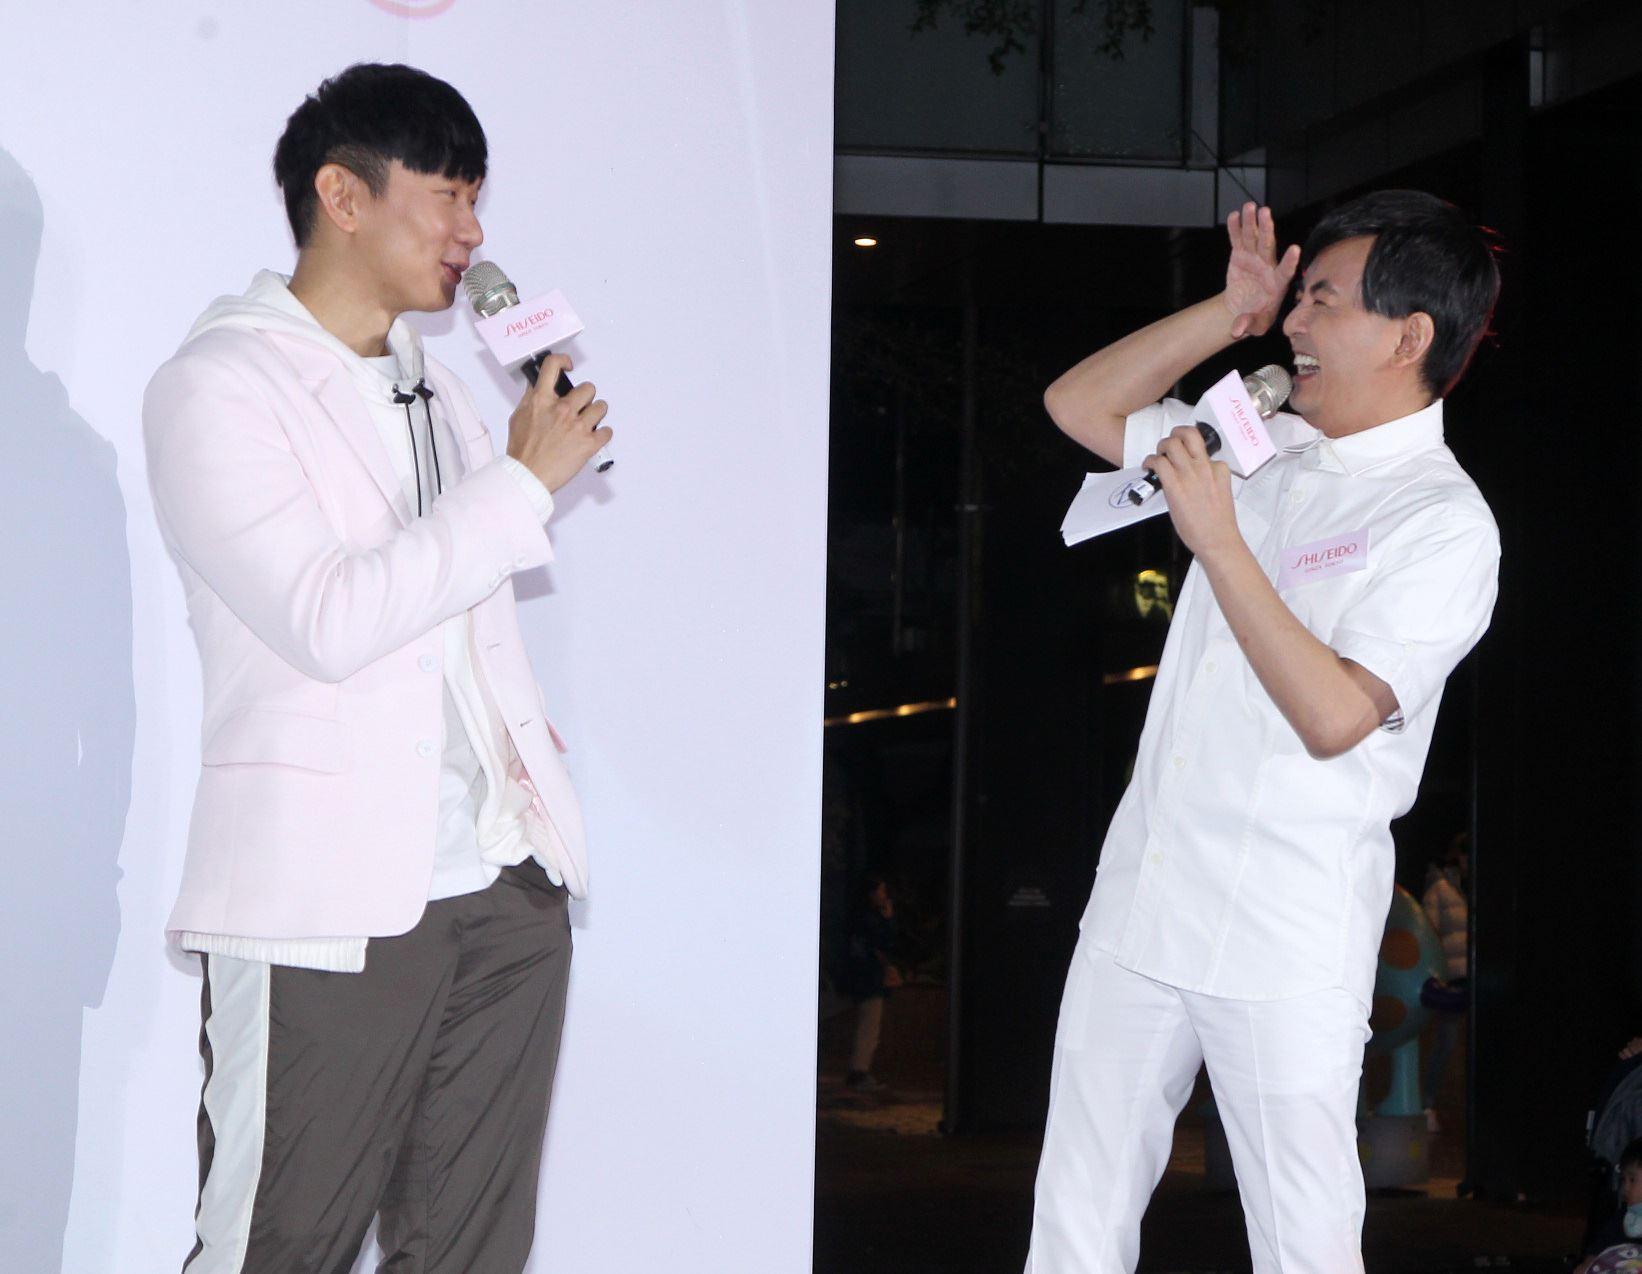 JJ林俊傑領軍粉絲快閃信義商圈夜跑。(記者邱榮吉/攝影)